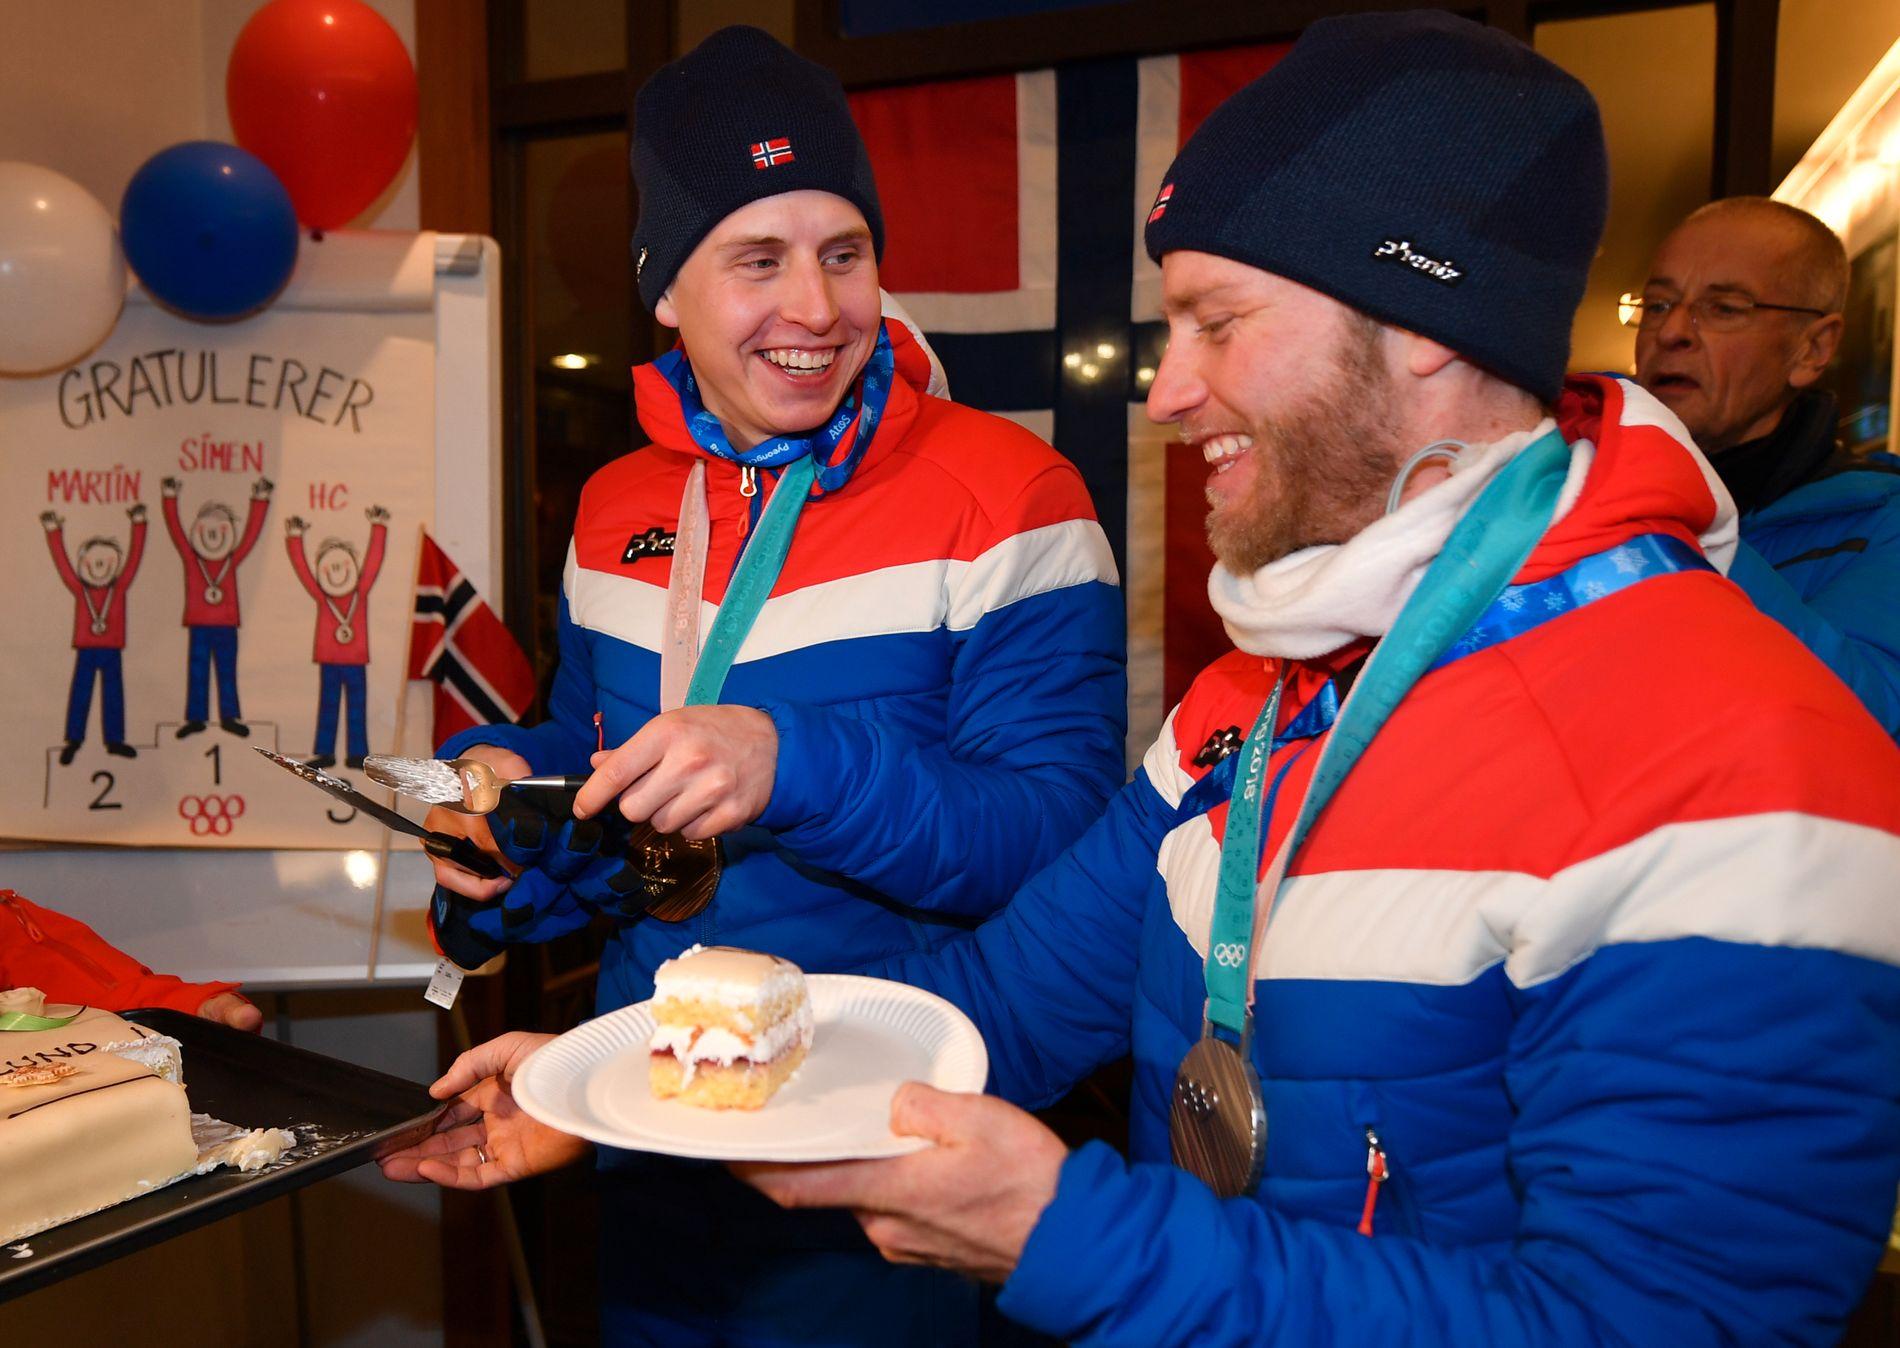 VISER VEI: Simen Hegstad Krüger (t.v.) er ifølge lagkameratene helt rå på trening denne sommeren. Her fra gullfeiring i OL. Krüger vant foran Martin Johnsrud Sundby.